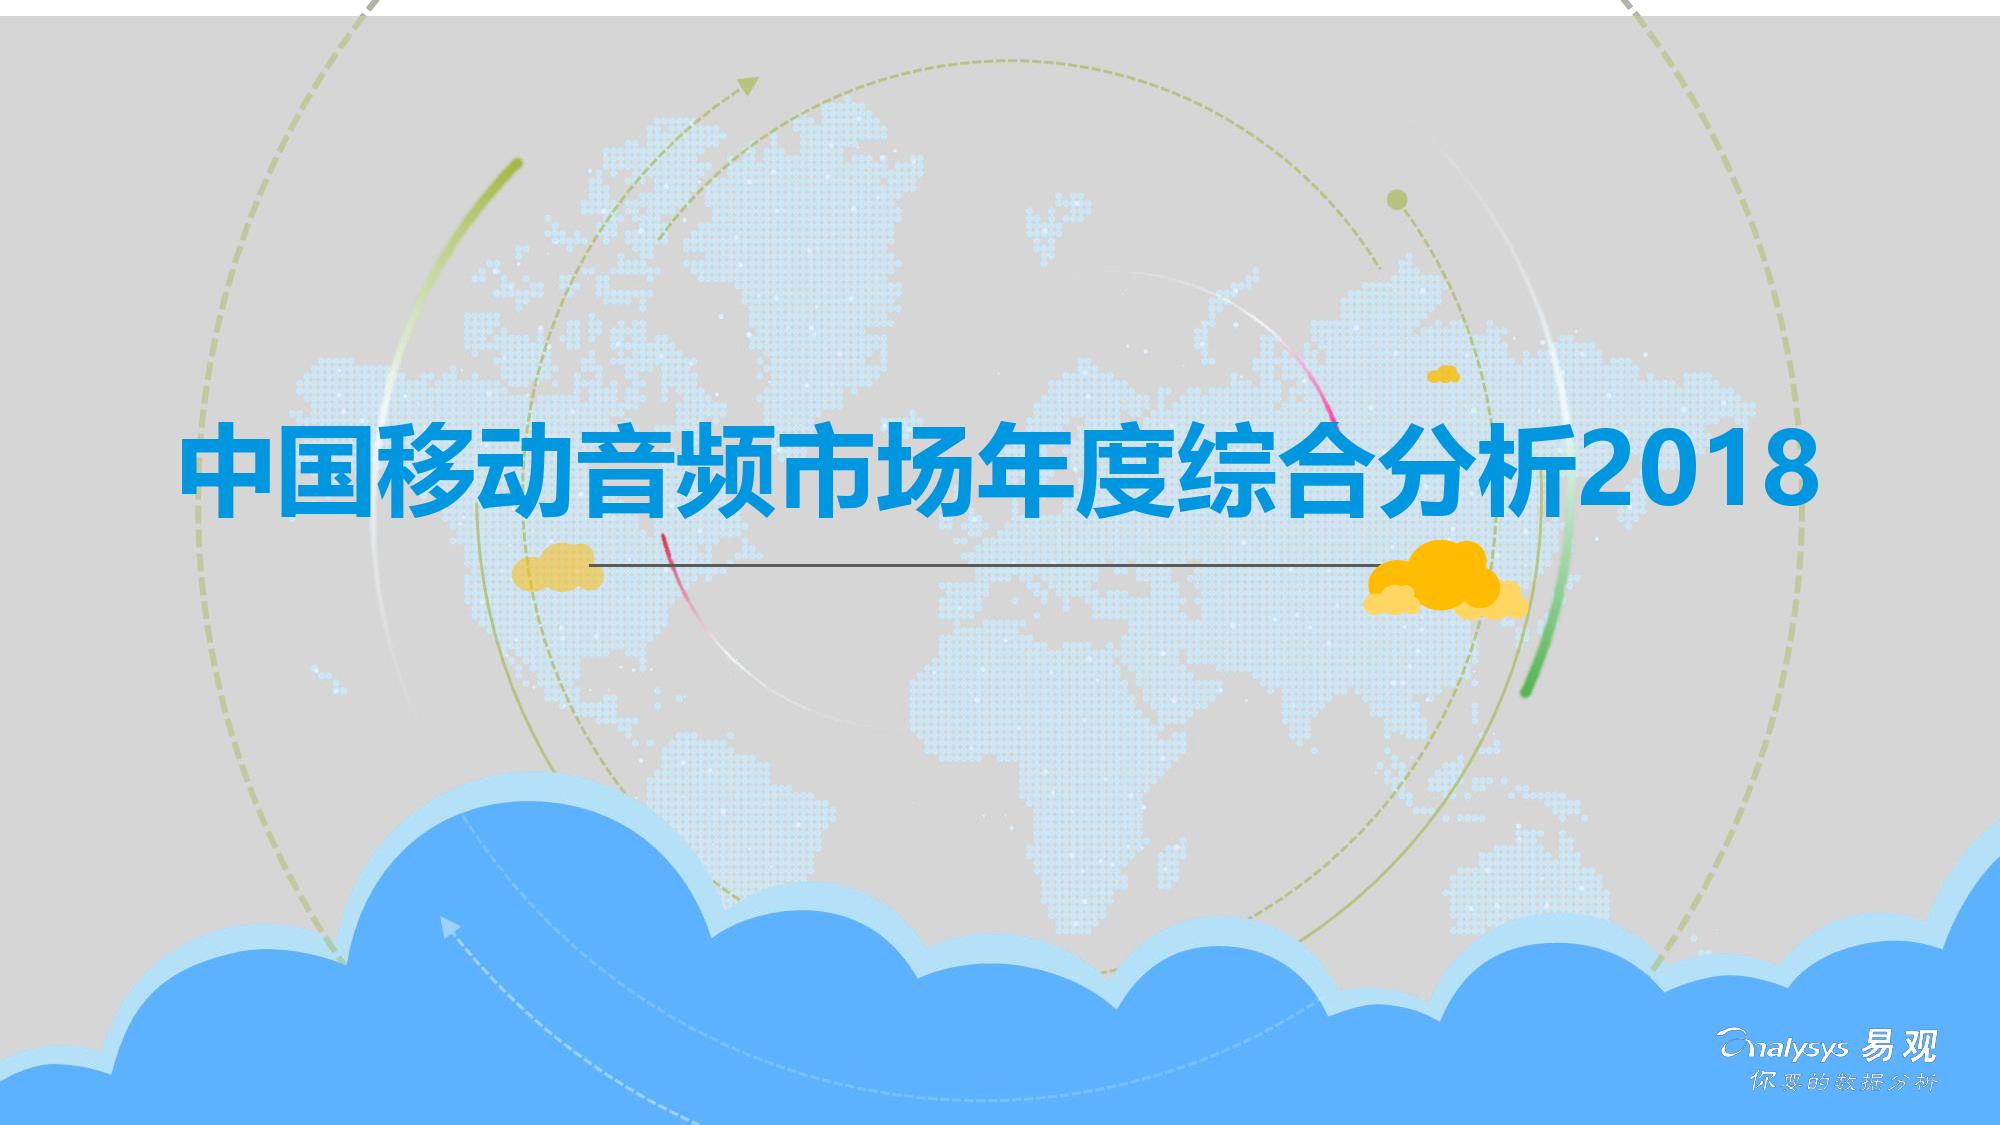 易观:2018中国移动音频市场年度综合分析(附下载)